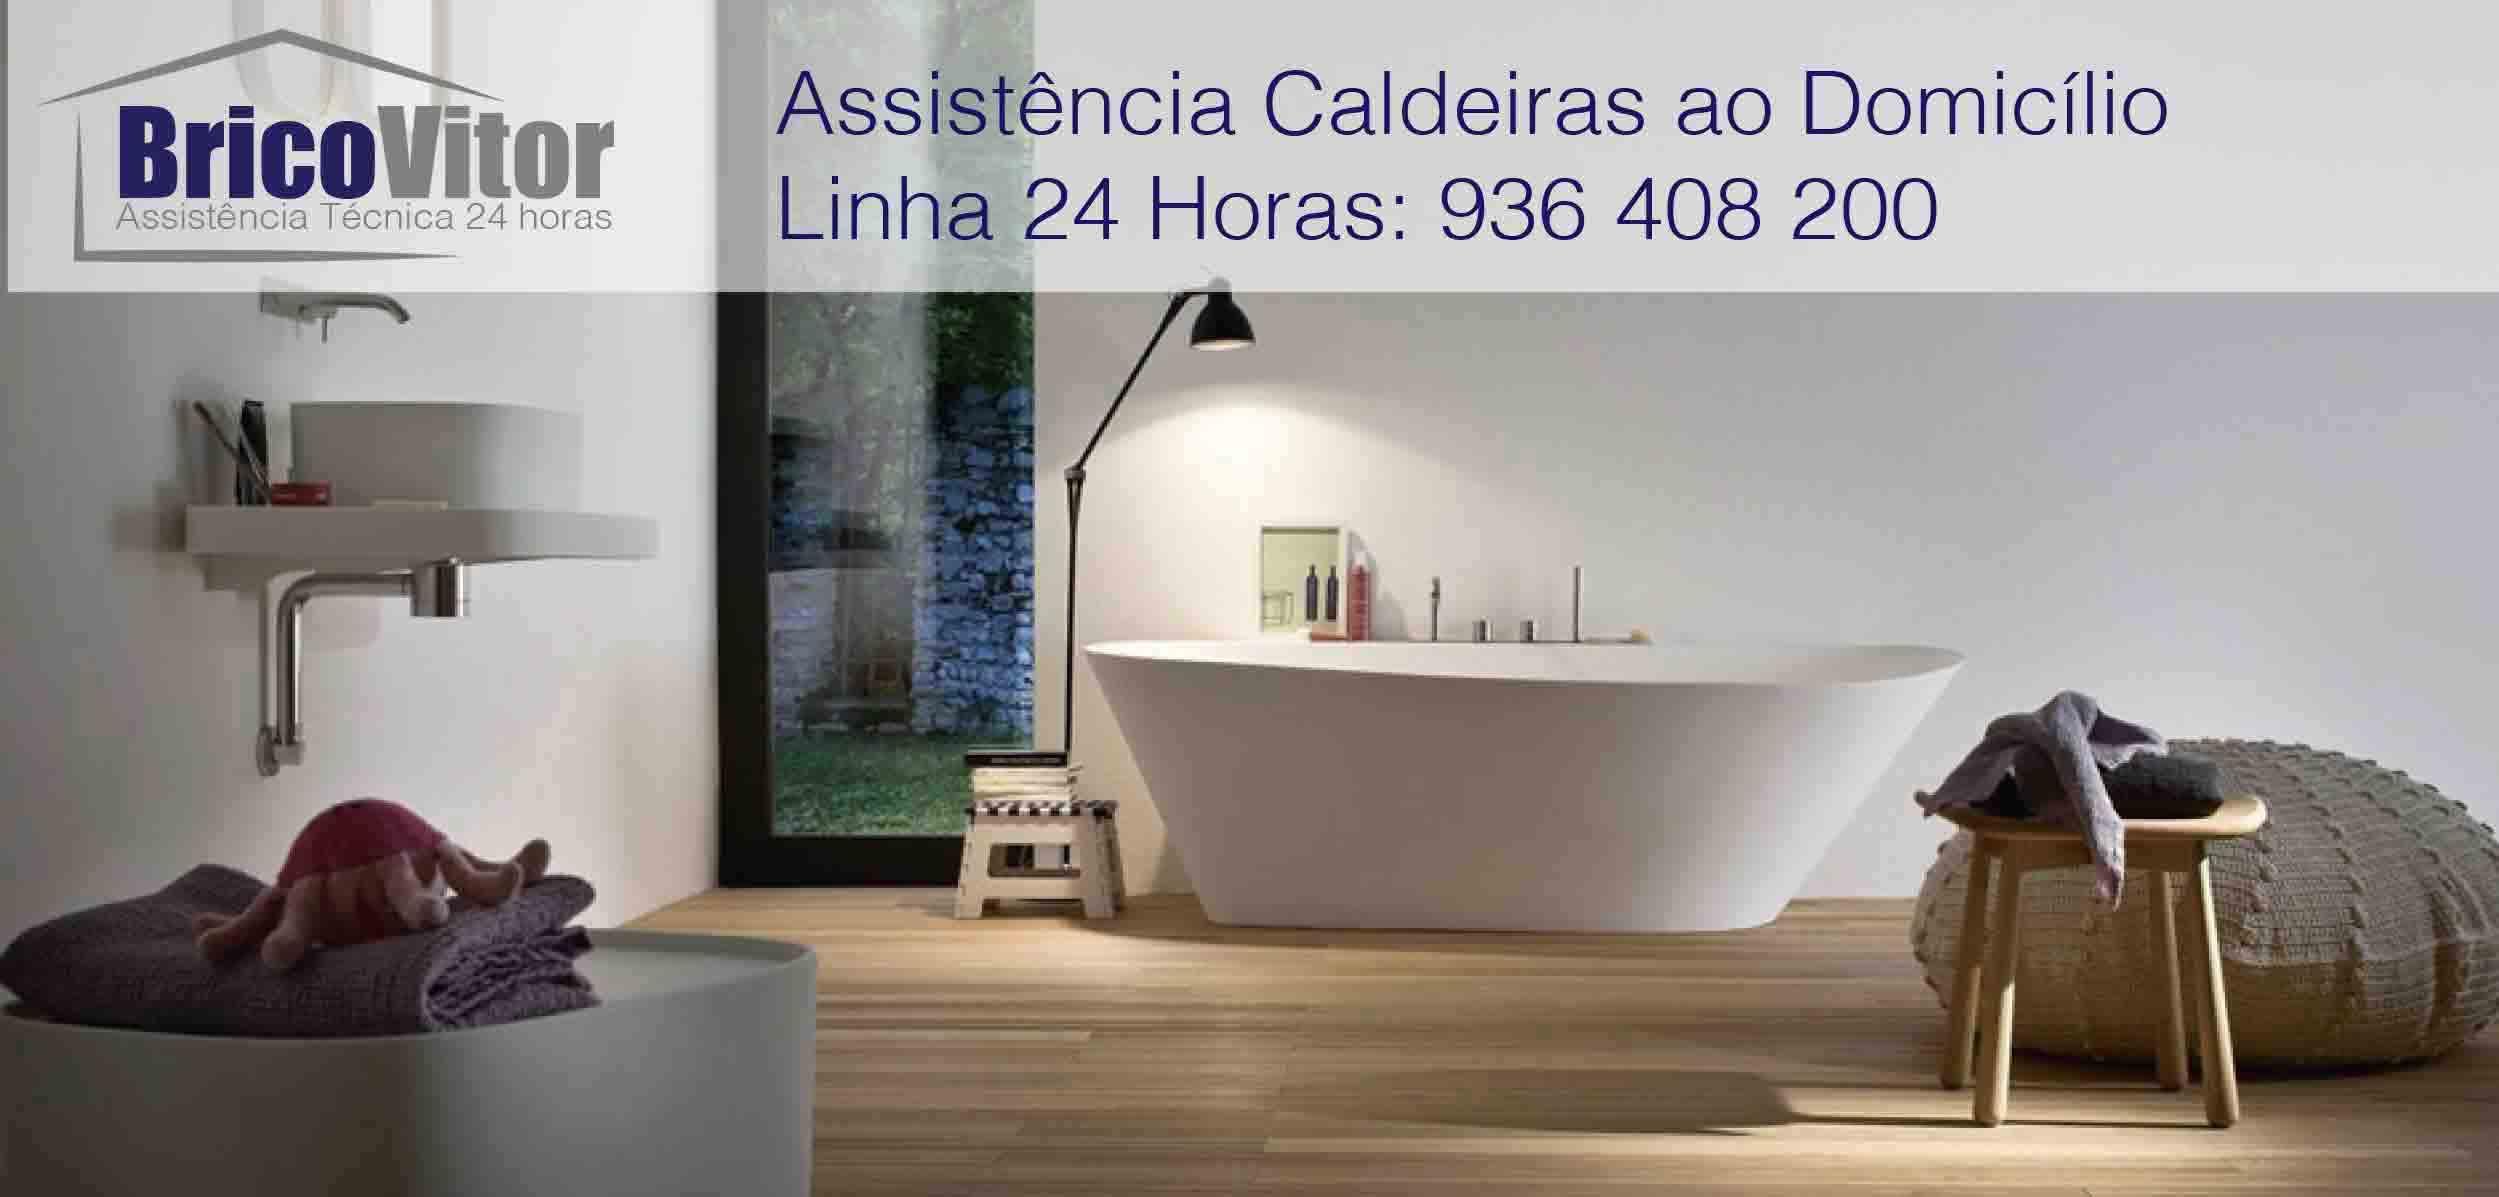 Assistência Caldeiras Mogege, Vila Nova de Famalicão - Braga